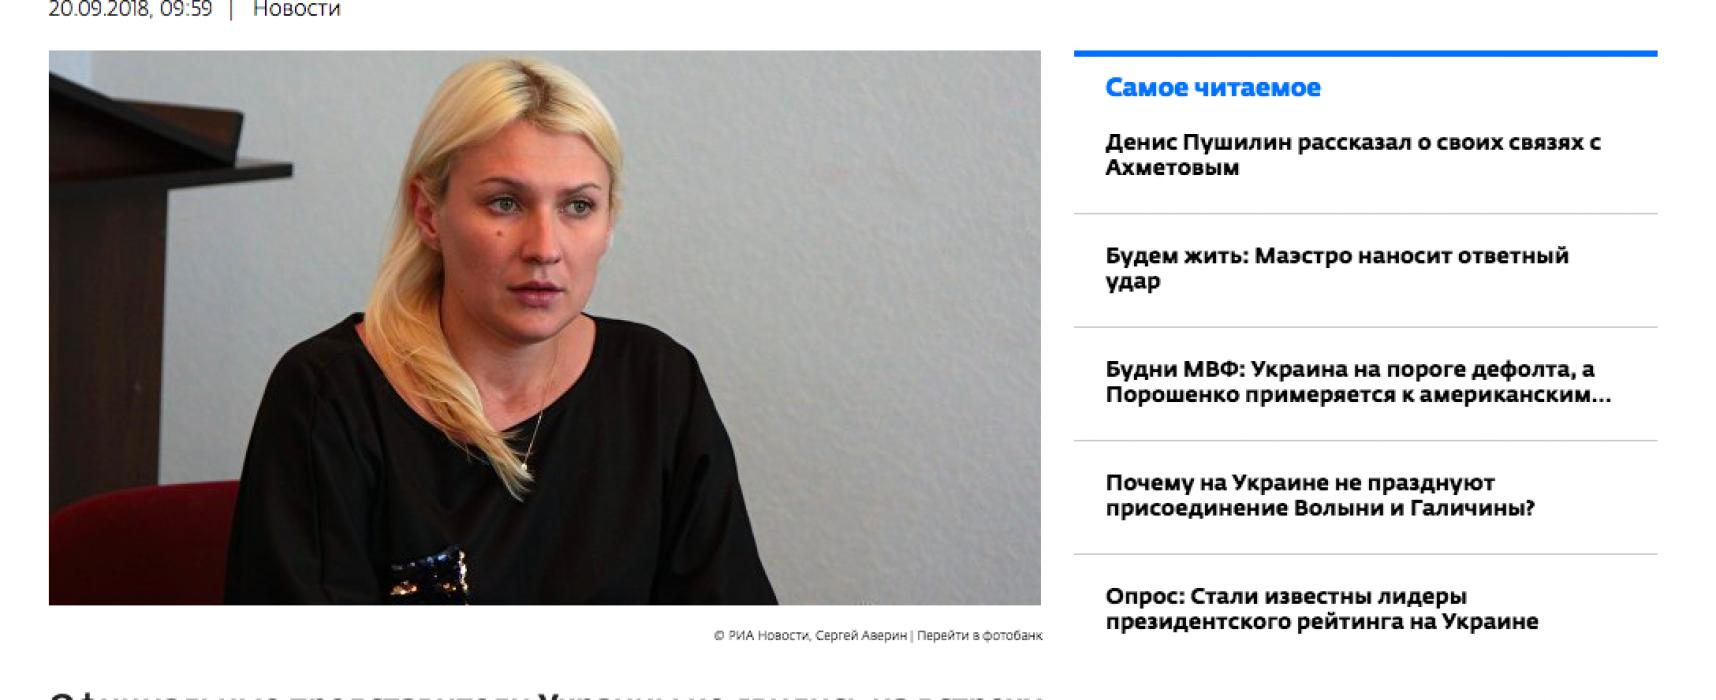 Фейк: Київ ігнорує роботу контактної групи у Мінську